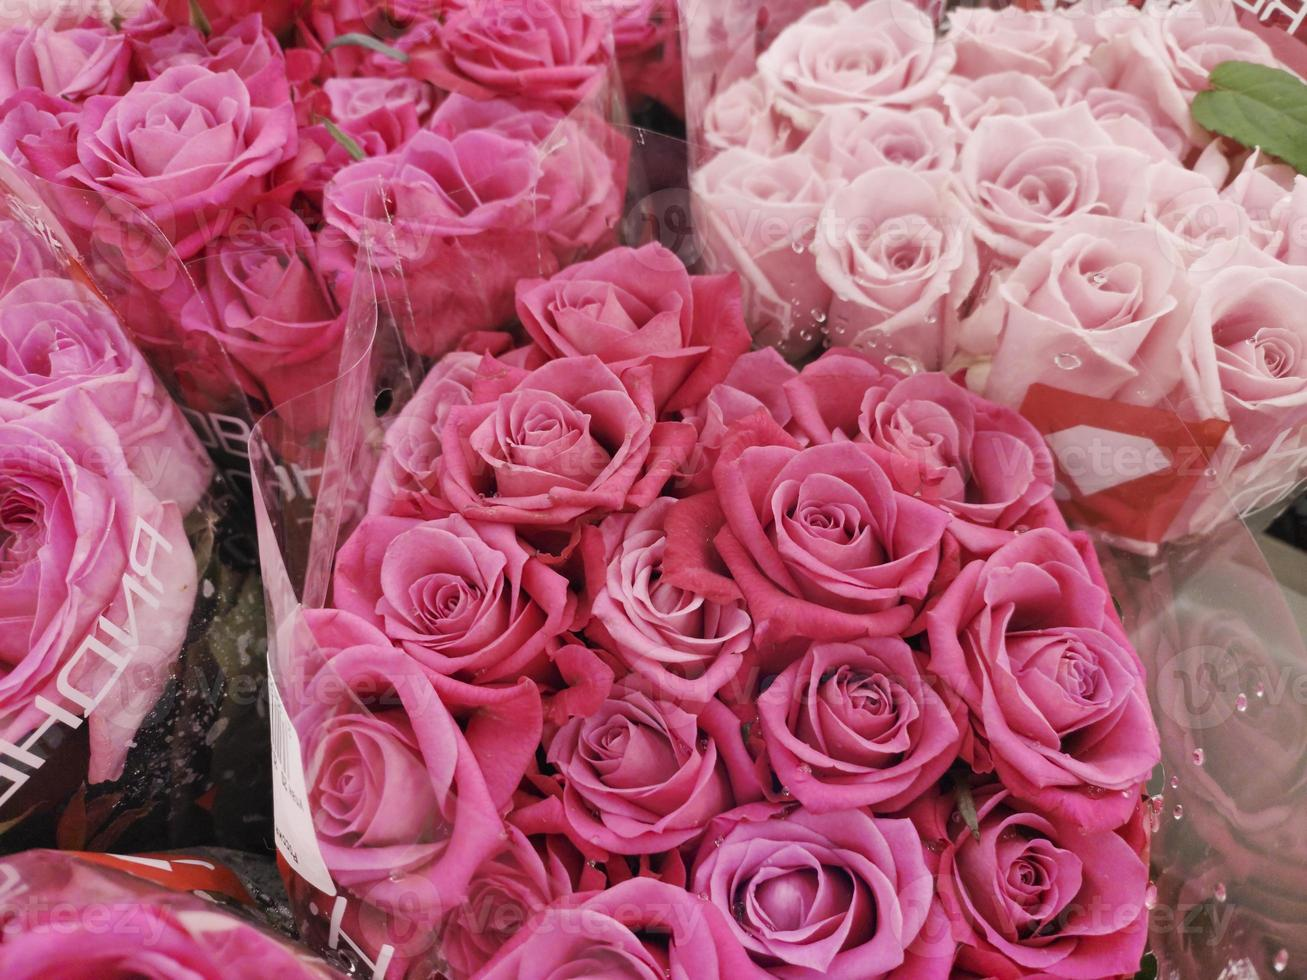 vendiendo rosas en la tienda. ramos de flores para las fiestas. foto